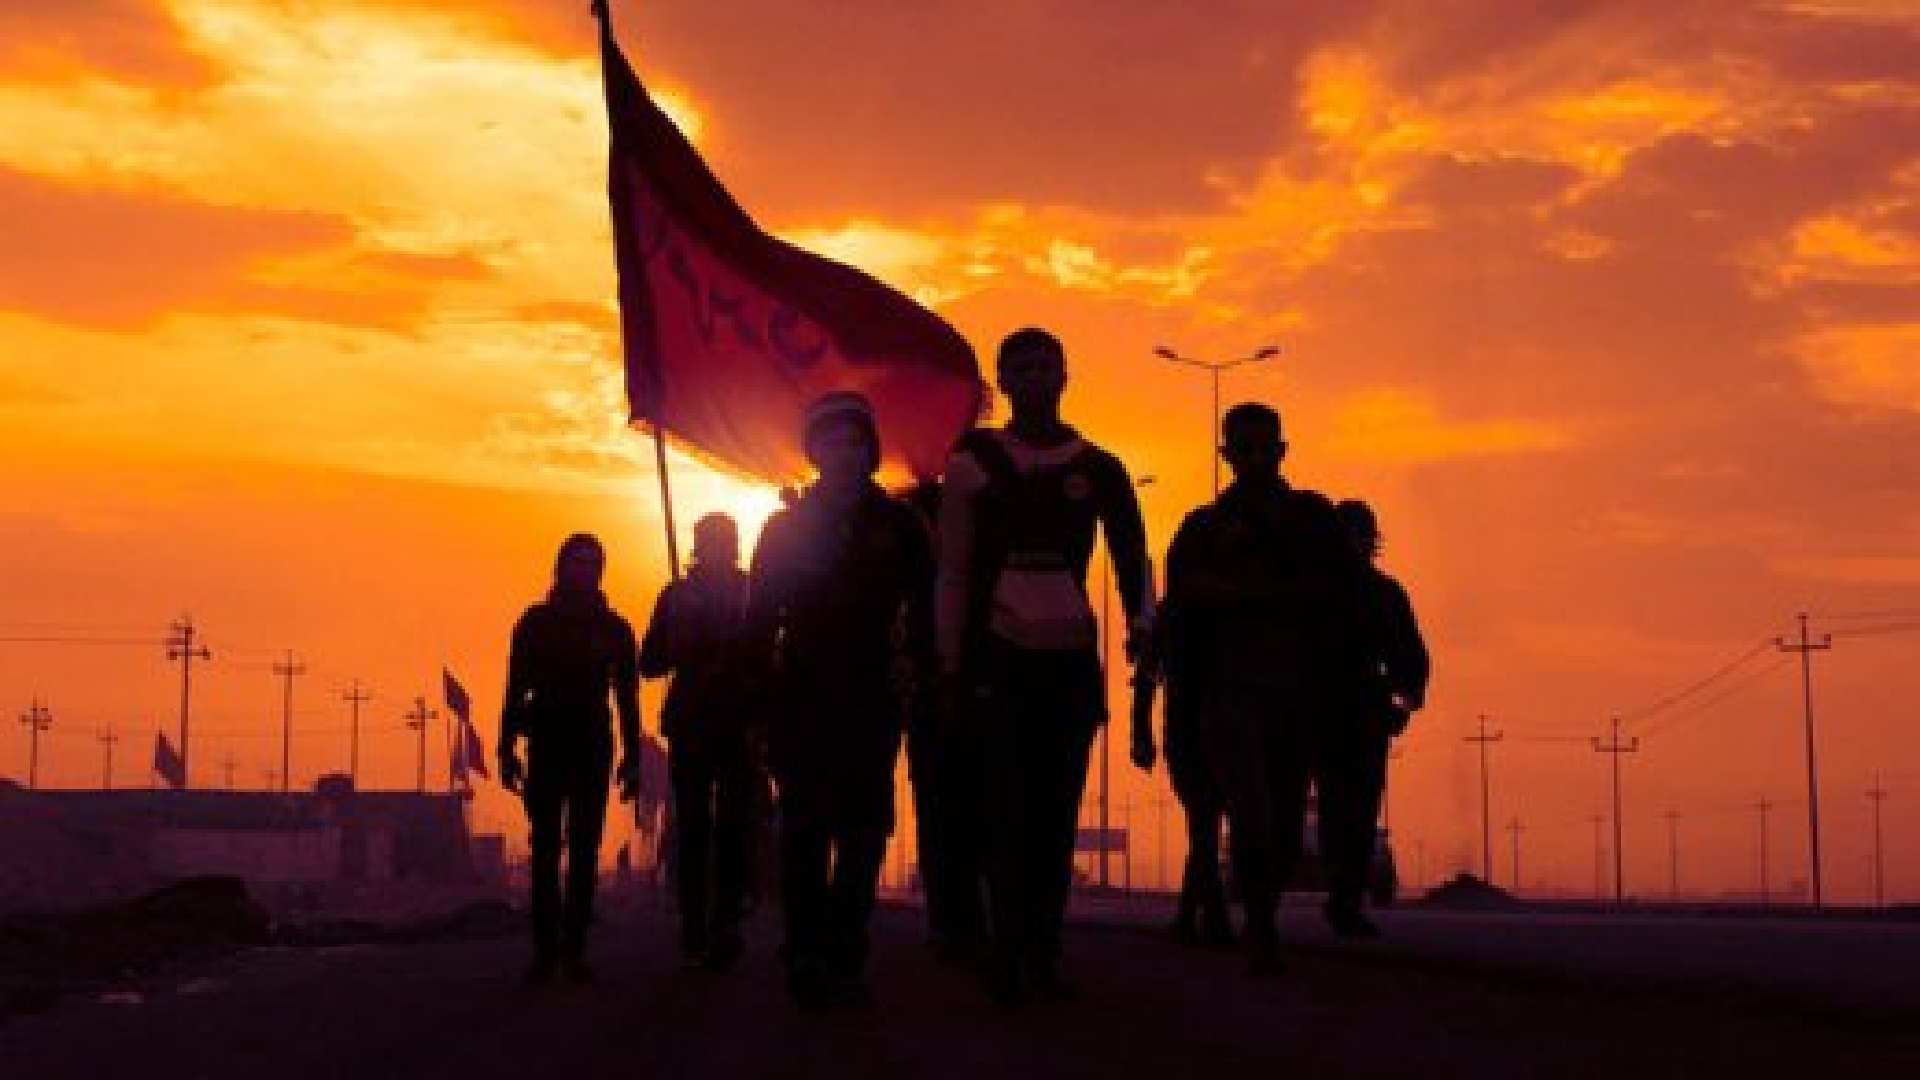 نماهنگ سوزناک مذهبی | تگ